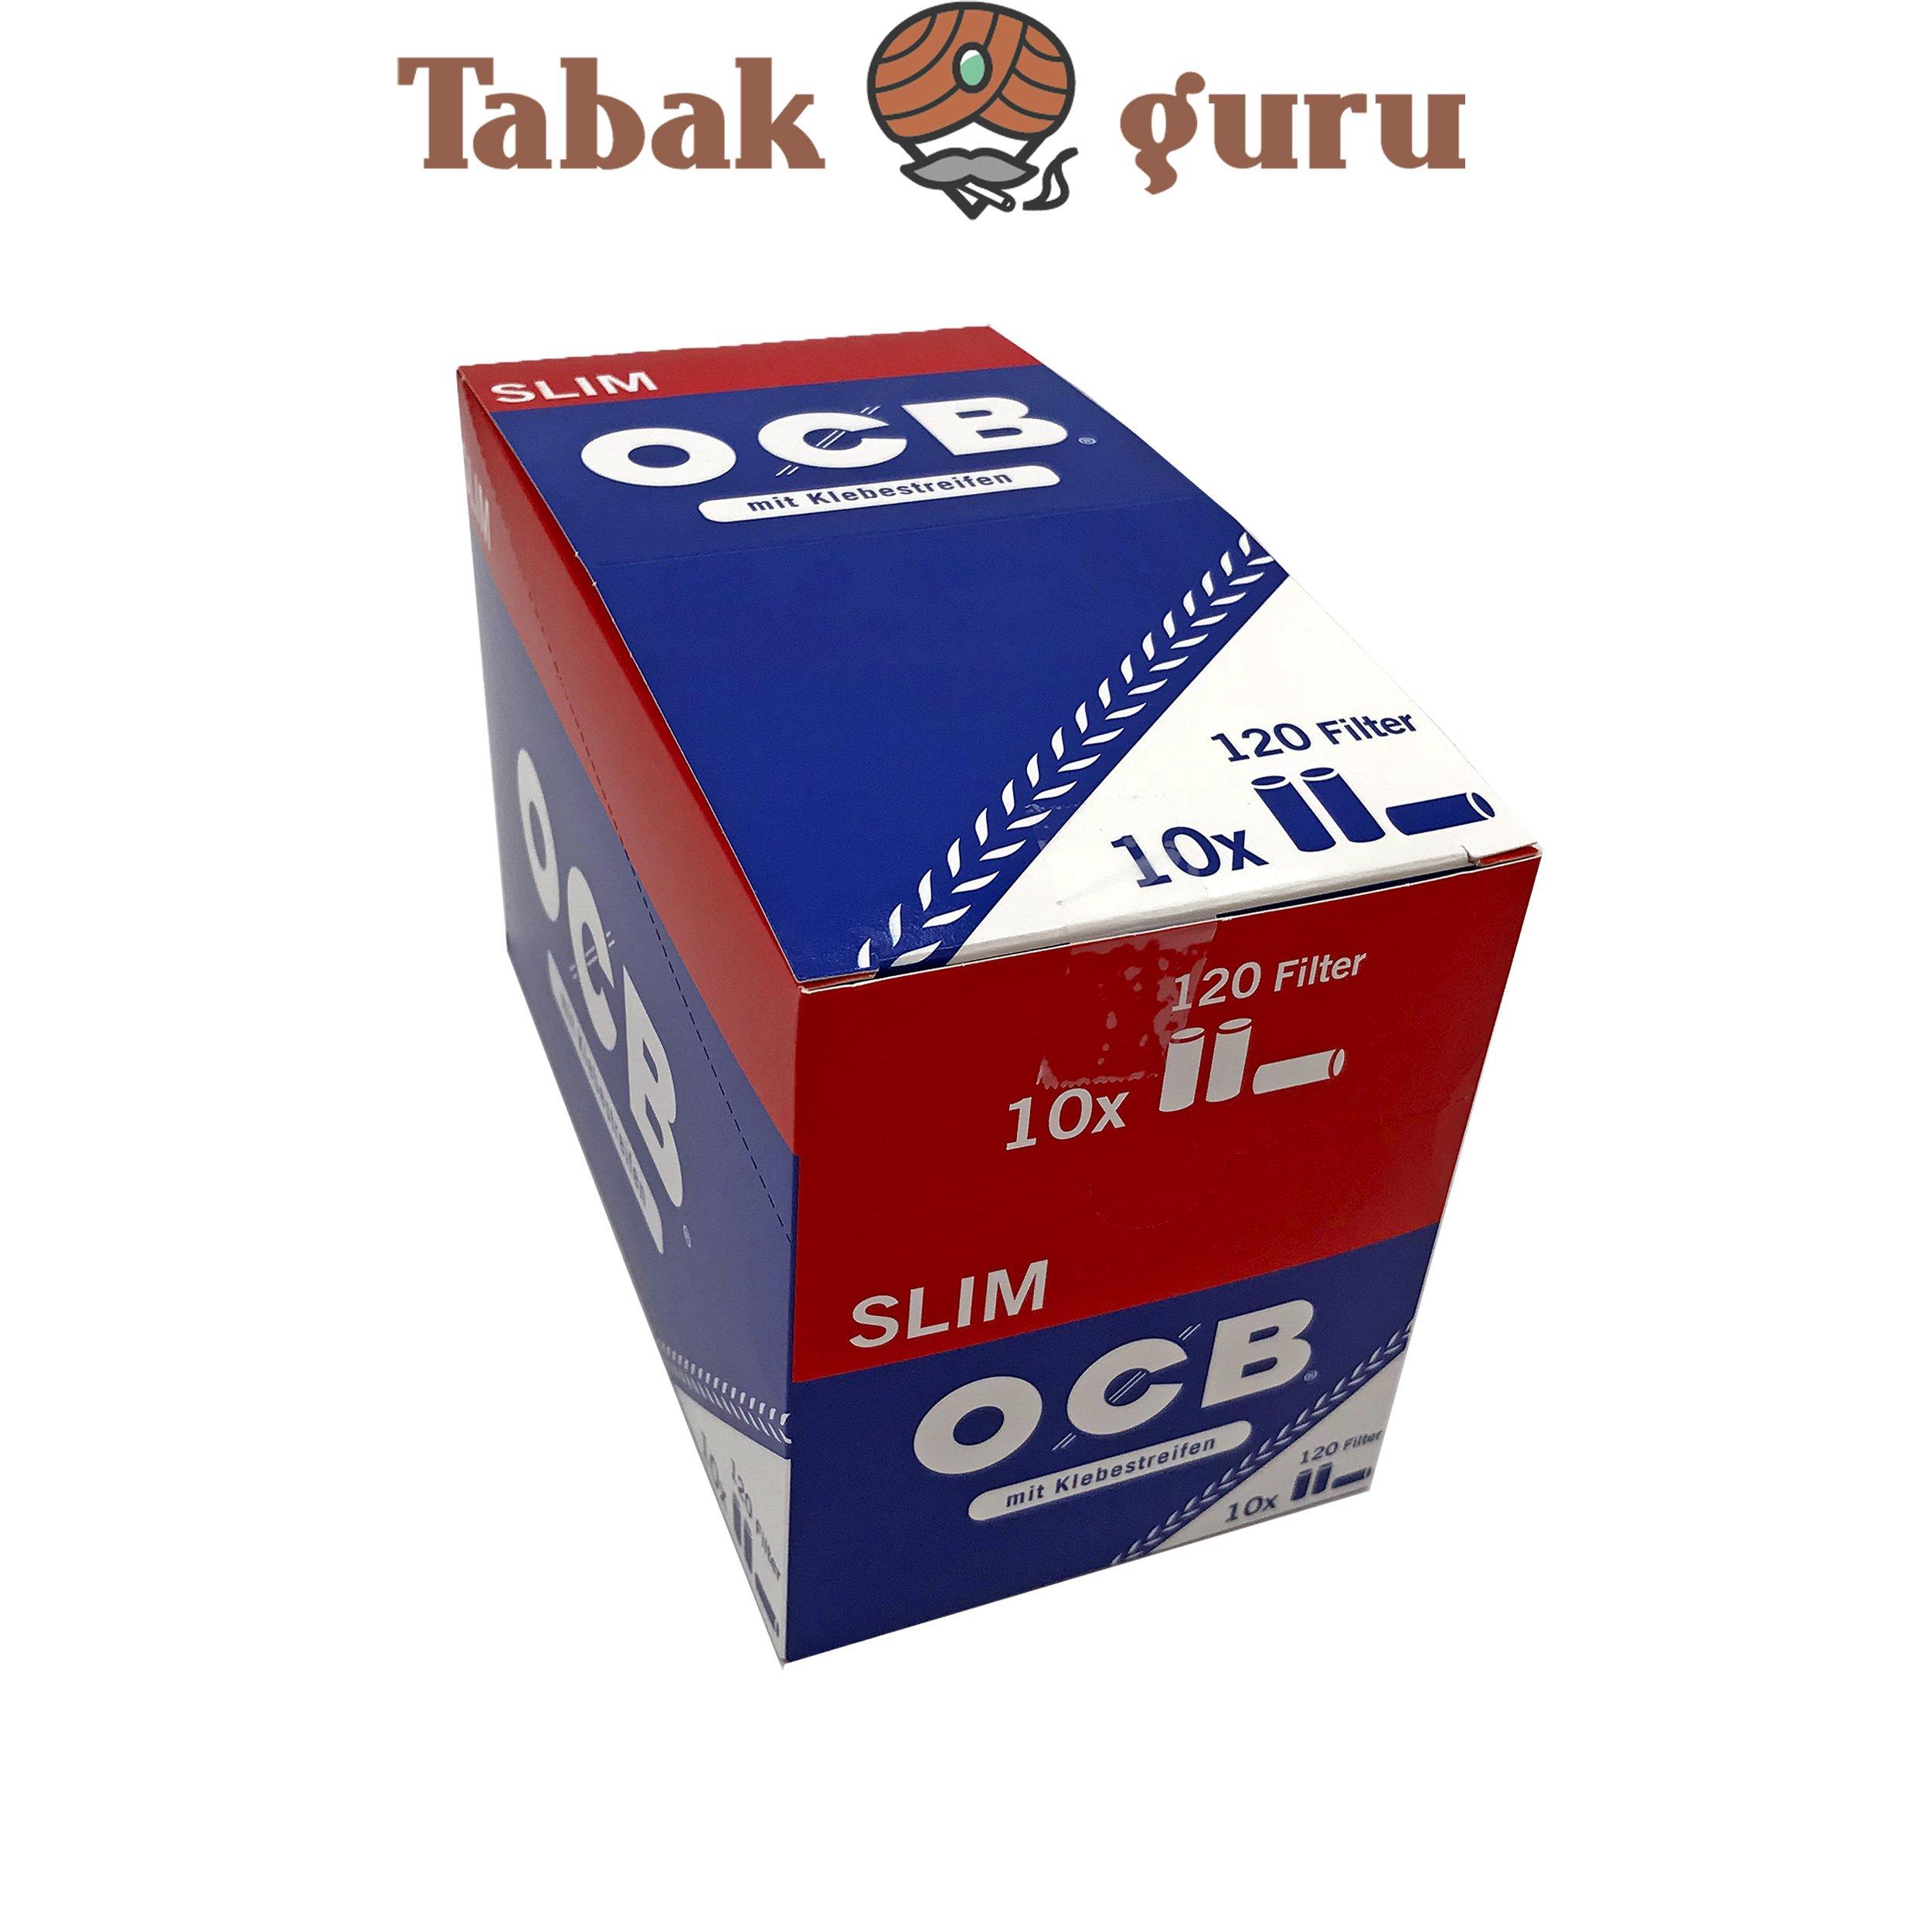 OCB Slim Filter mit Klebestreifen 10x 120 Stück